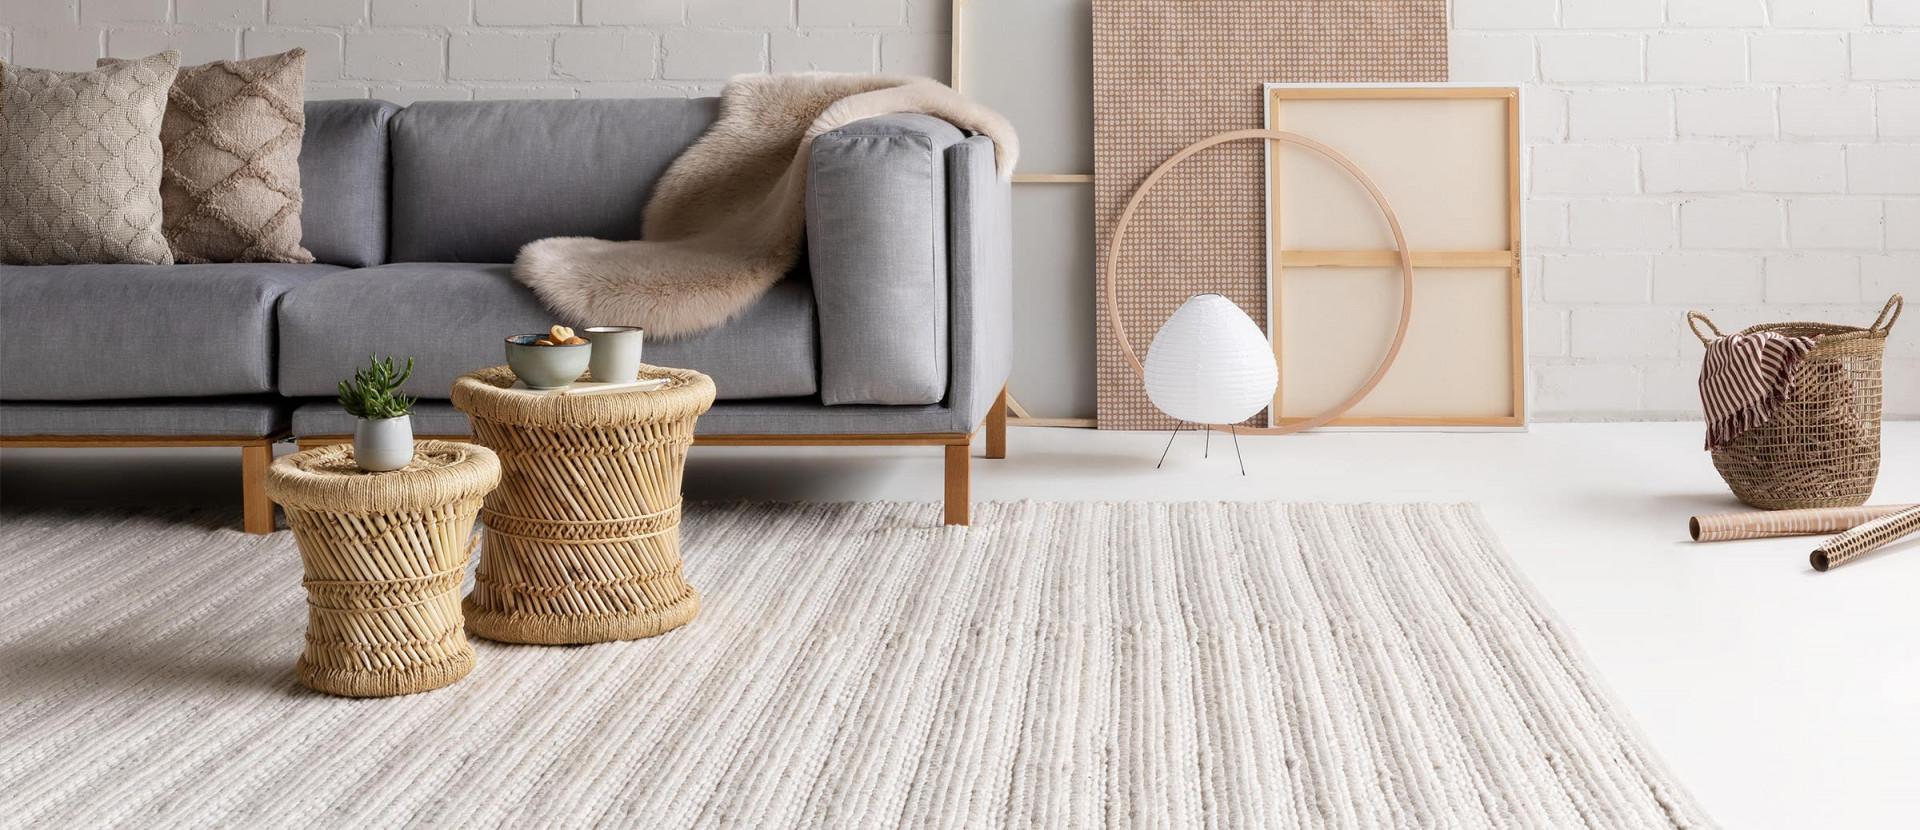 Welcher Teppich Passt Zu Mir  Hilfreiche Tipps von Wohnzimmer Teppich Groß Bild